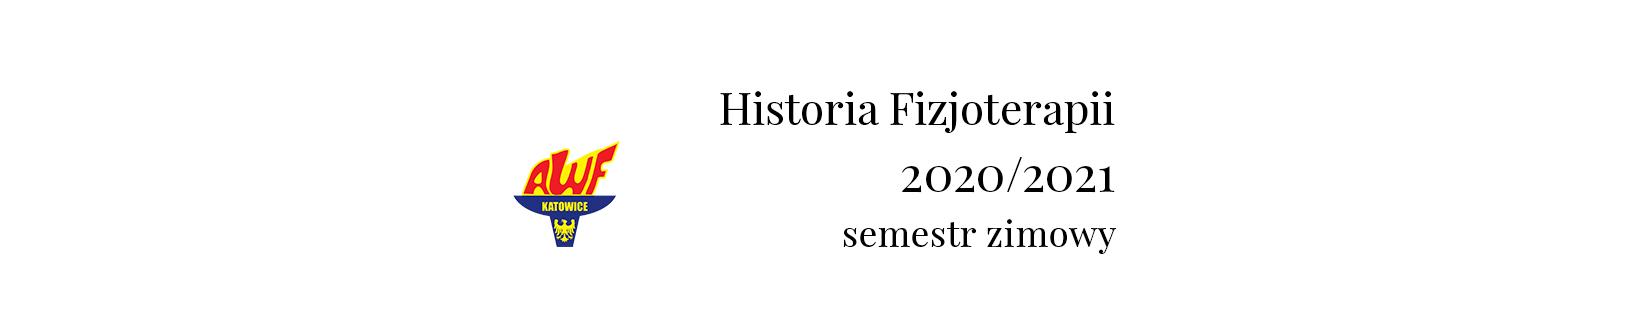 Course Image Historia Fizjoterapii 2020 - F-his-fizjo-mgr - Wykłady Semestr zimowy